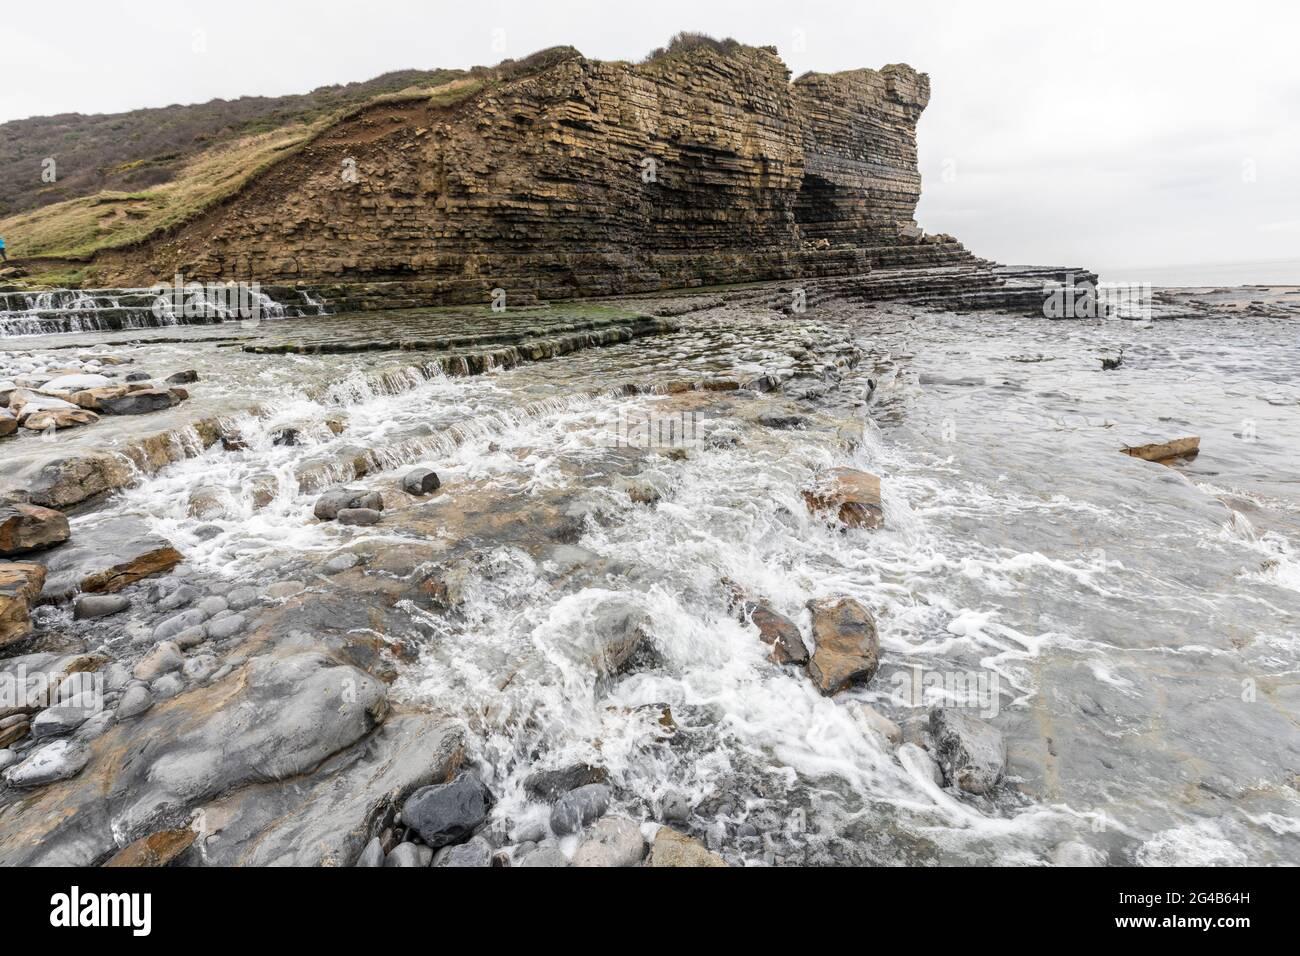 Ruisseau d'eau douce qui coule sur la plage de Traeth Mawr sur le Wales Coast Path près de Monknash, pays de Galles, Royaume-Uni Banque D'Images